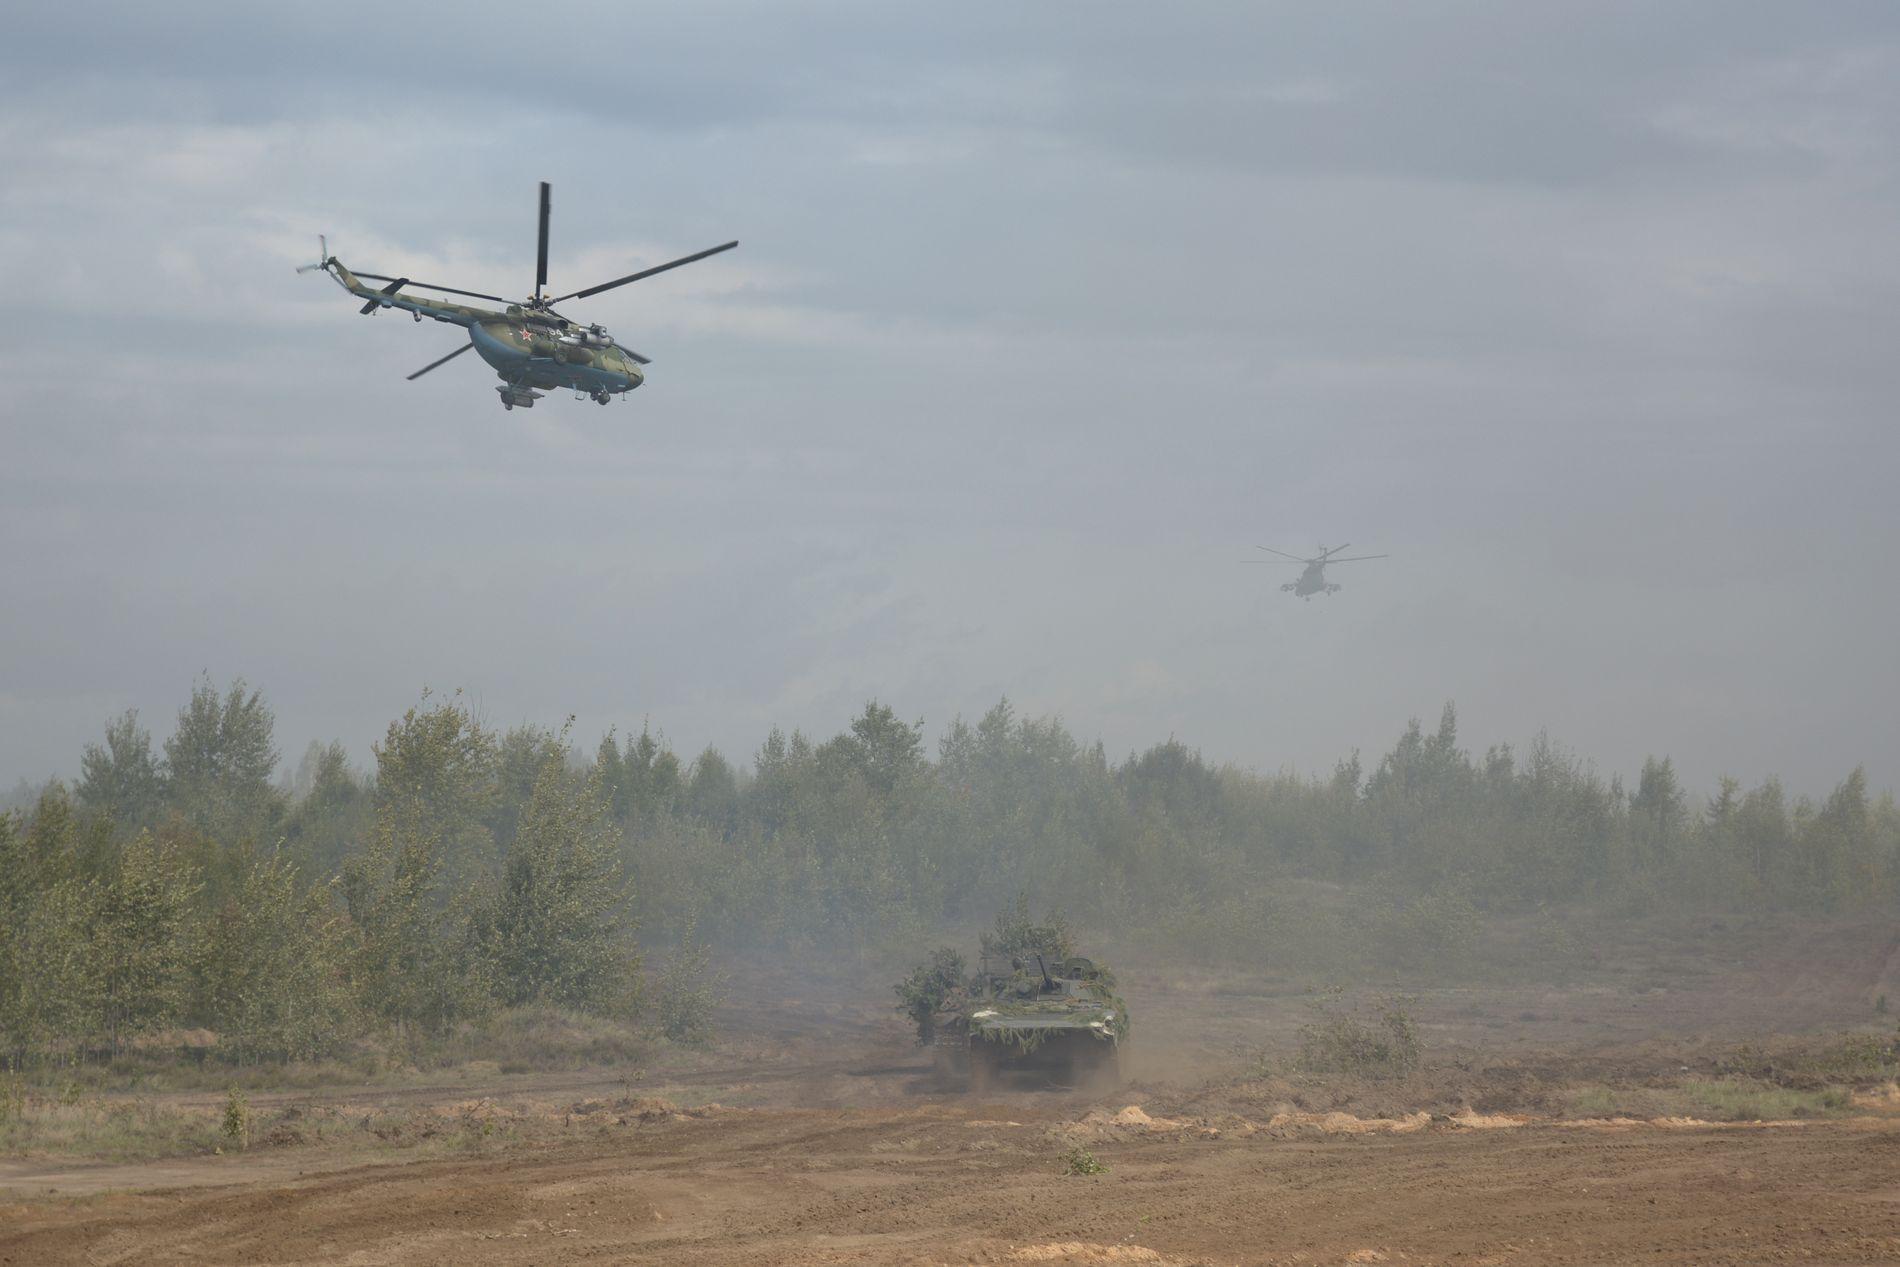 KRIGSTEATER: Helikoptre og armerte militærkjøretøy deltar i den store militærøvelsen Zapad på et ukjent sted i Hviterussland.